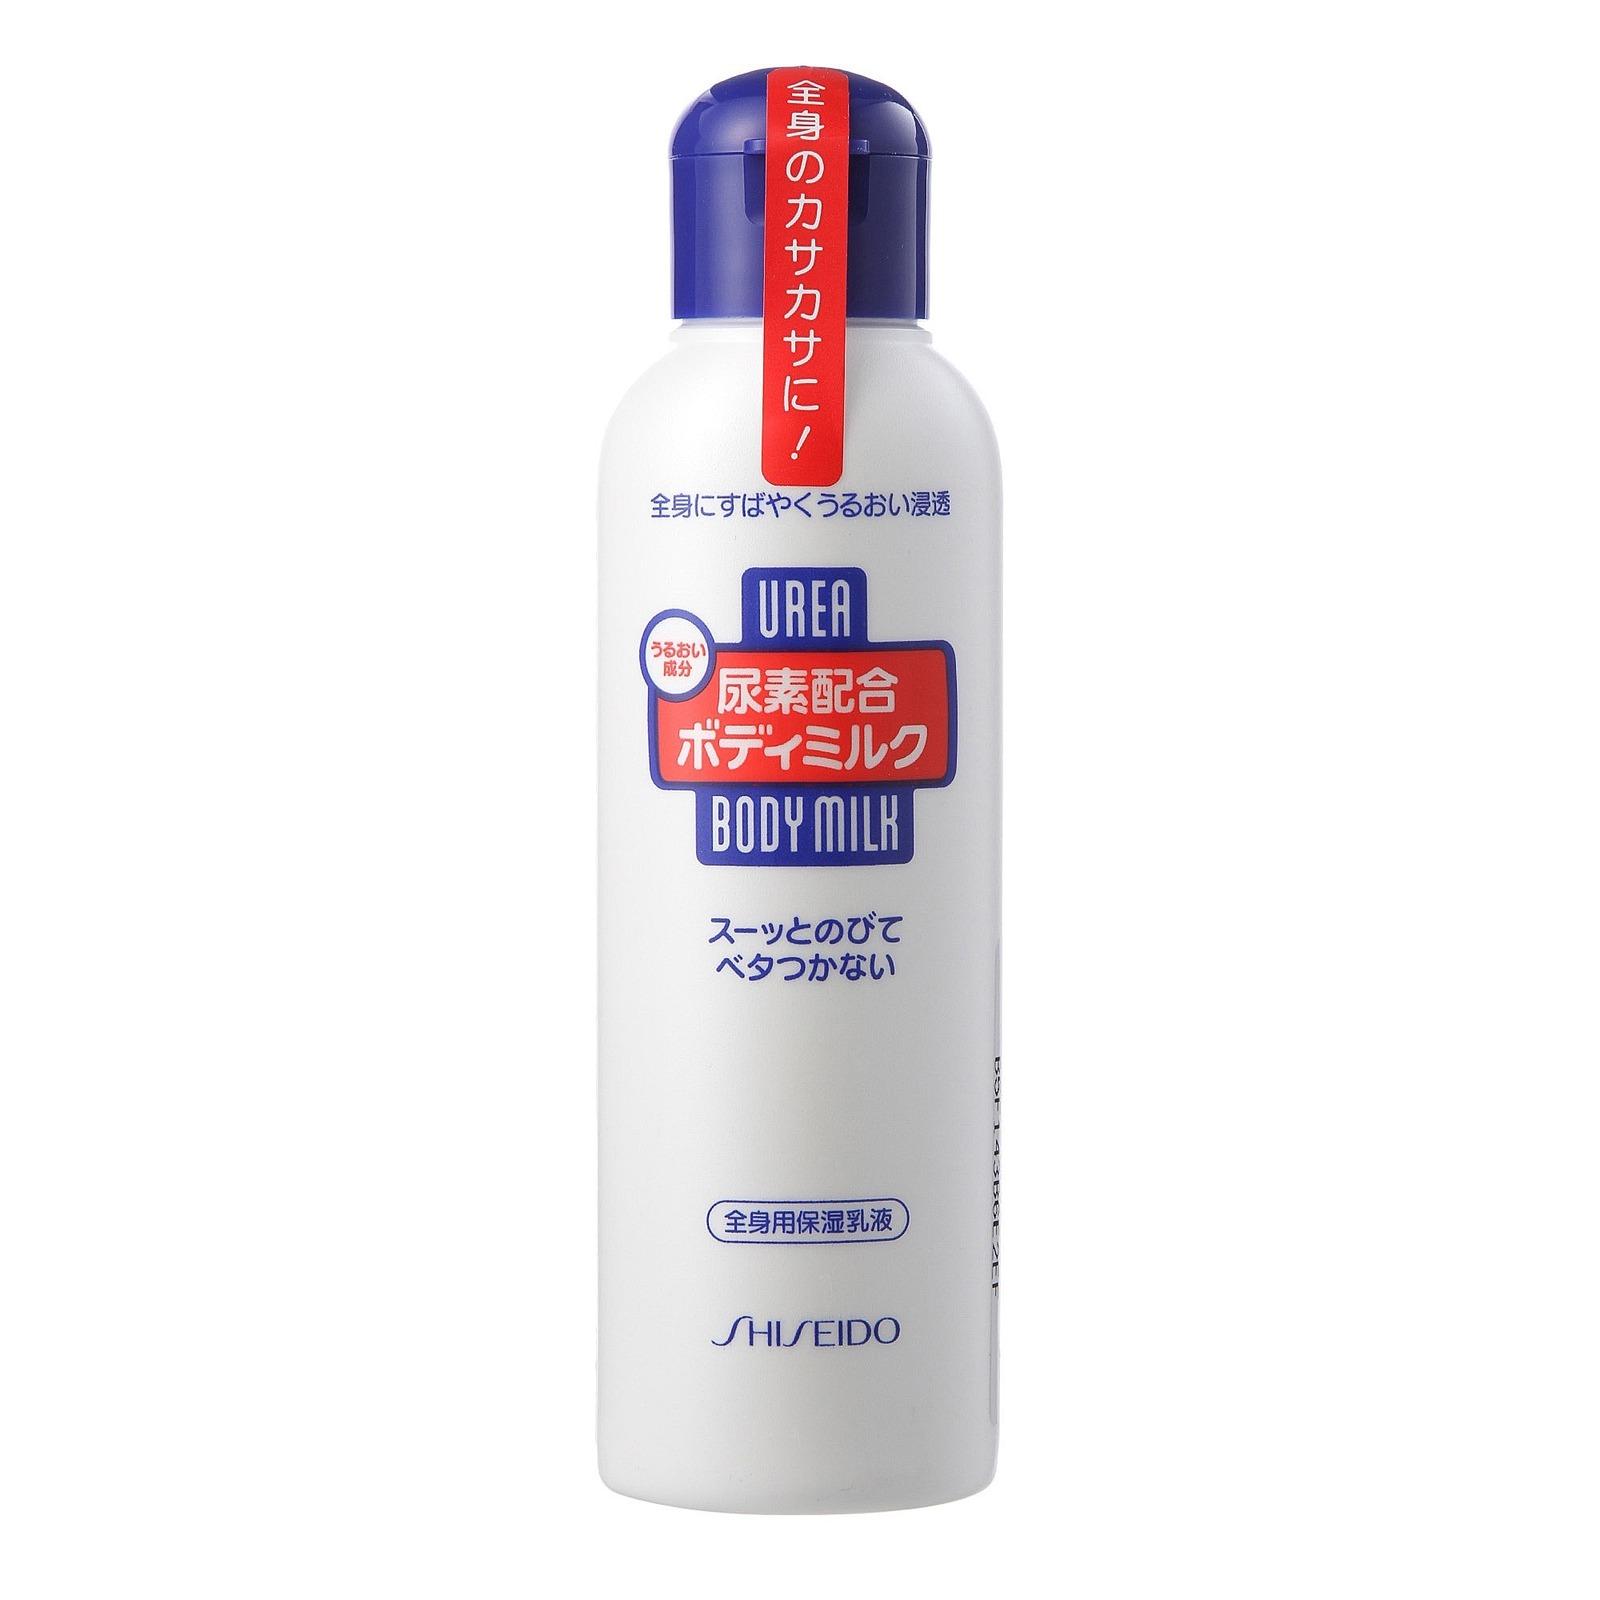 Shiseido bodymilk urea  1